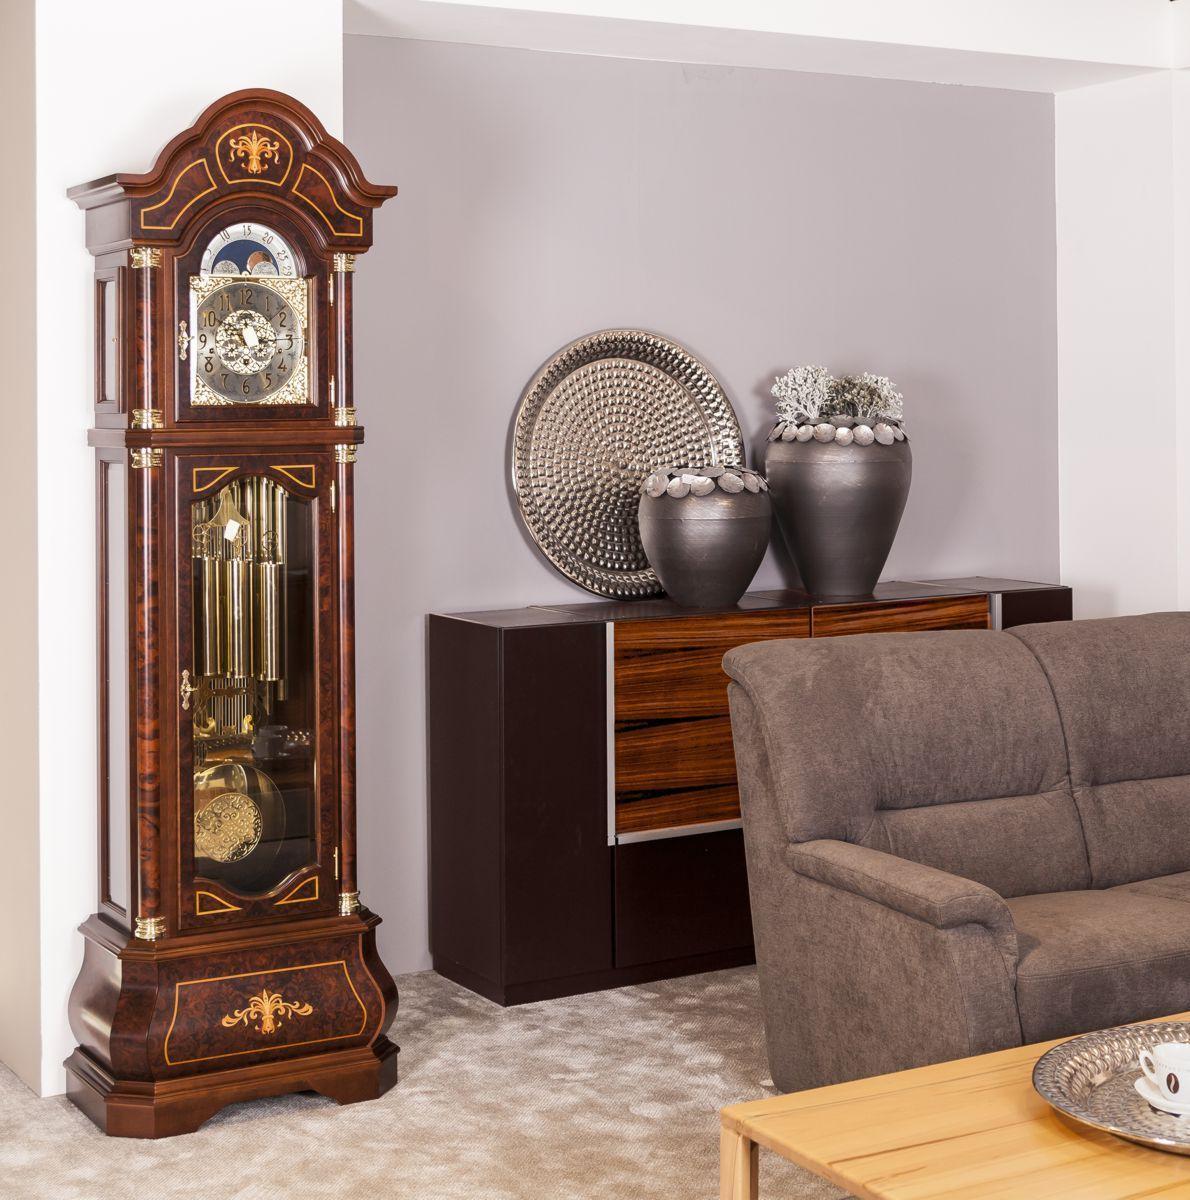 Đồng hồ cây trang trí phòng khách